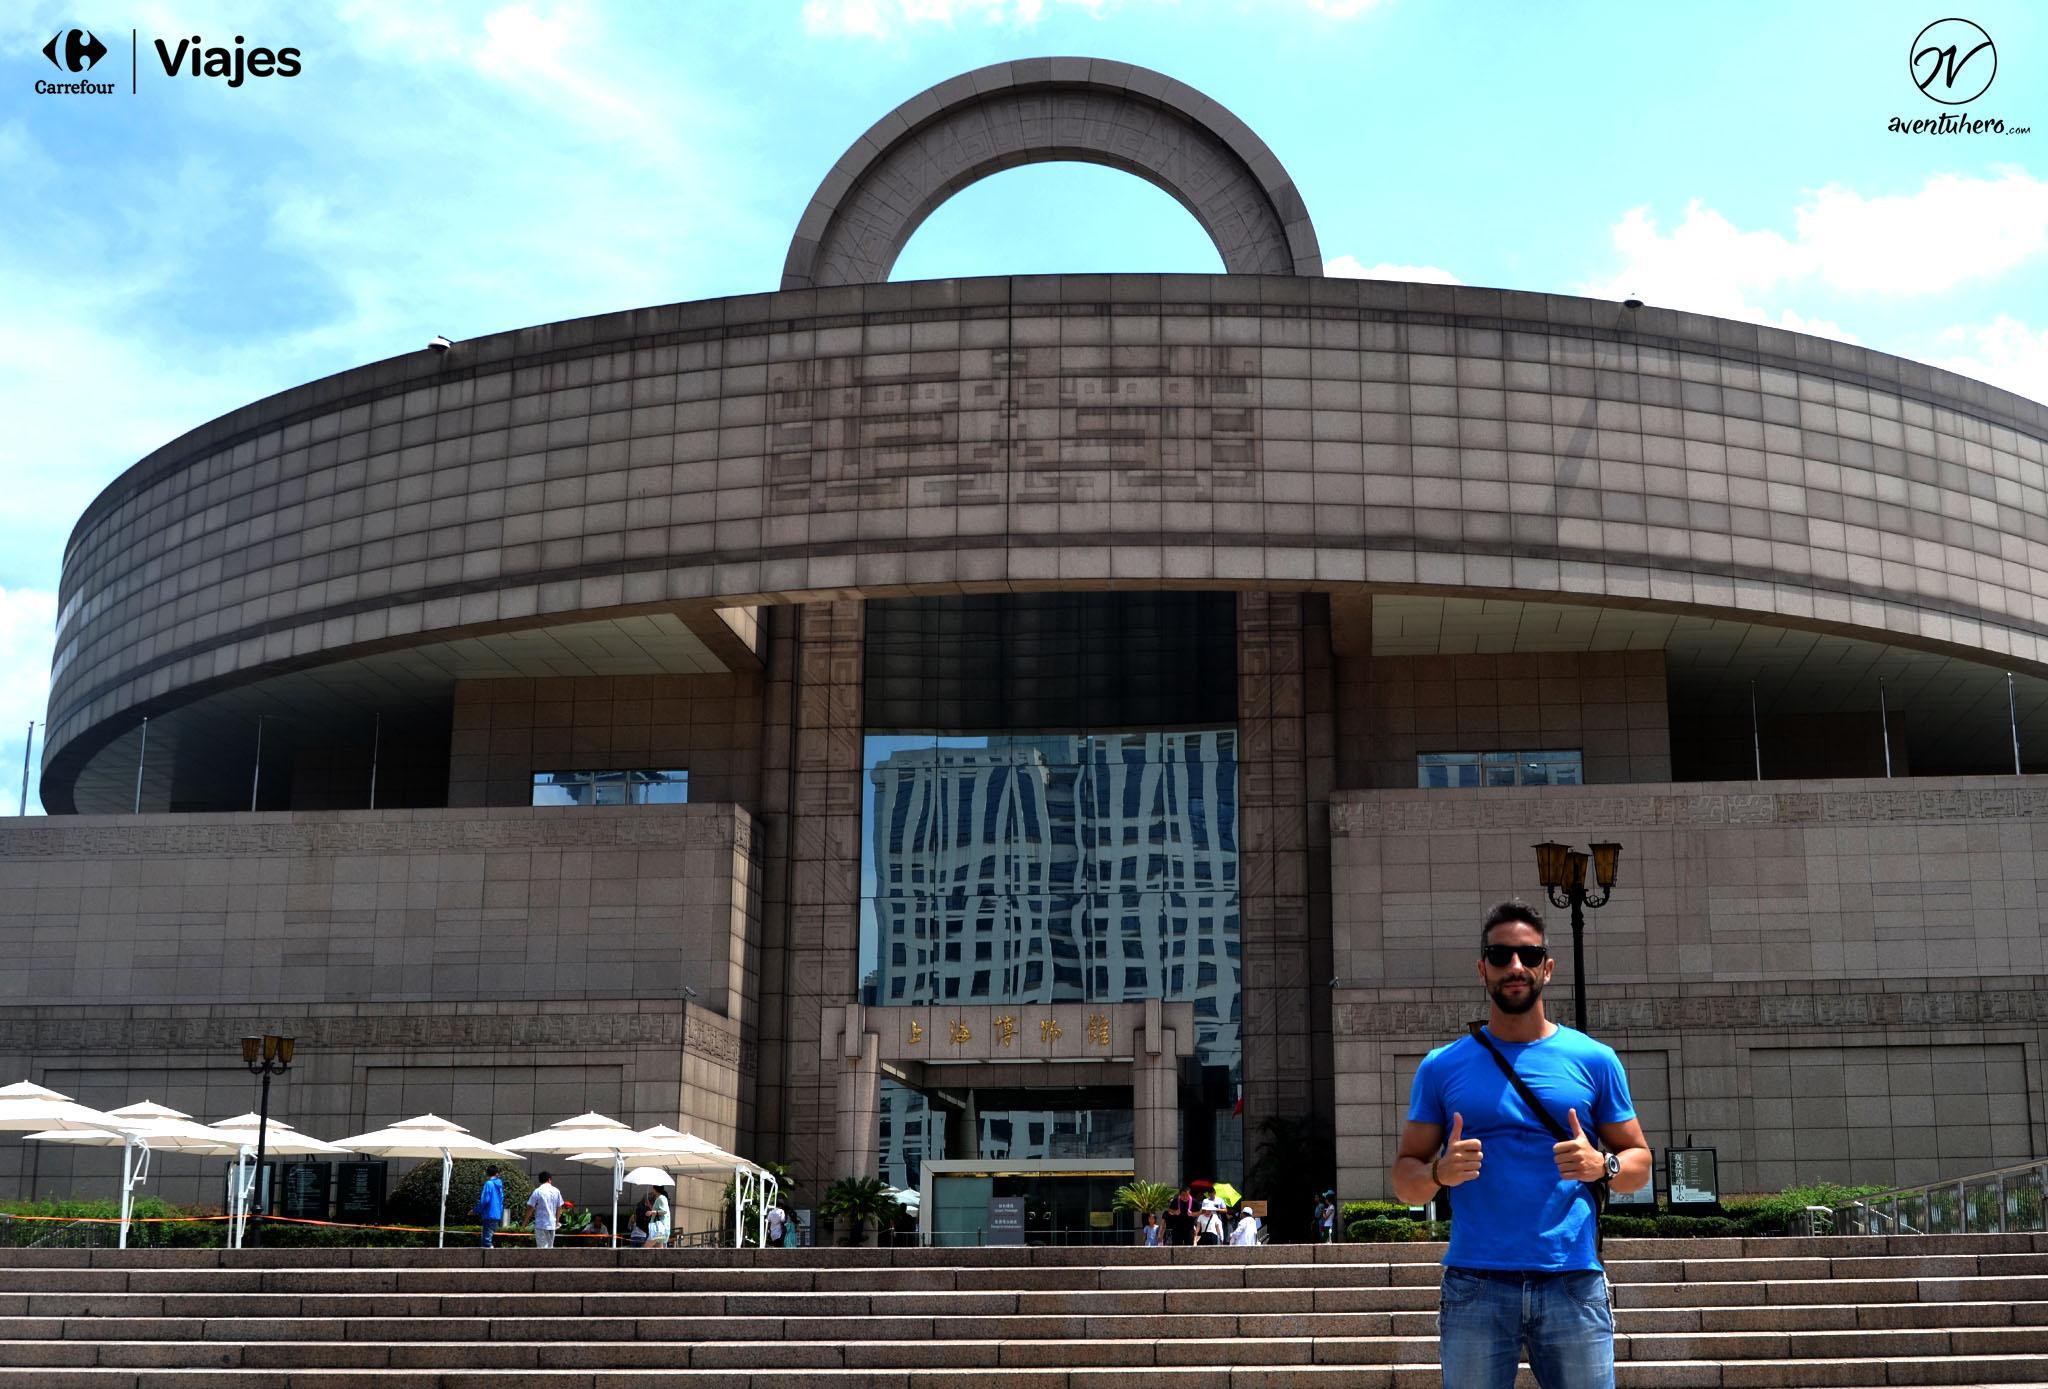 20 Aventuhero - Shanghai Plaza del pueblo